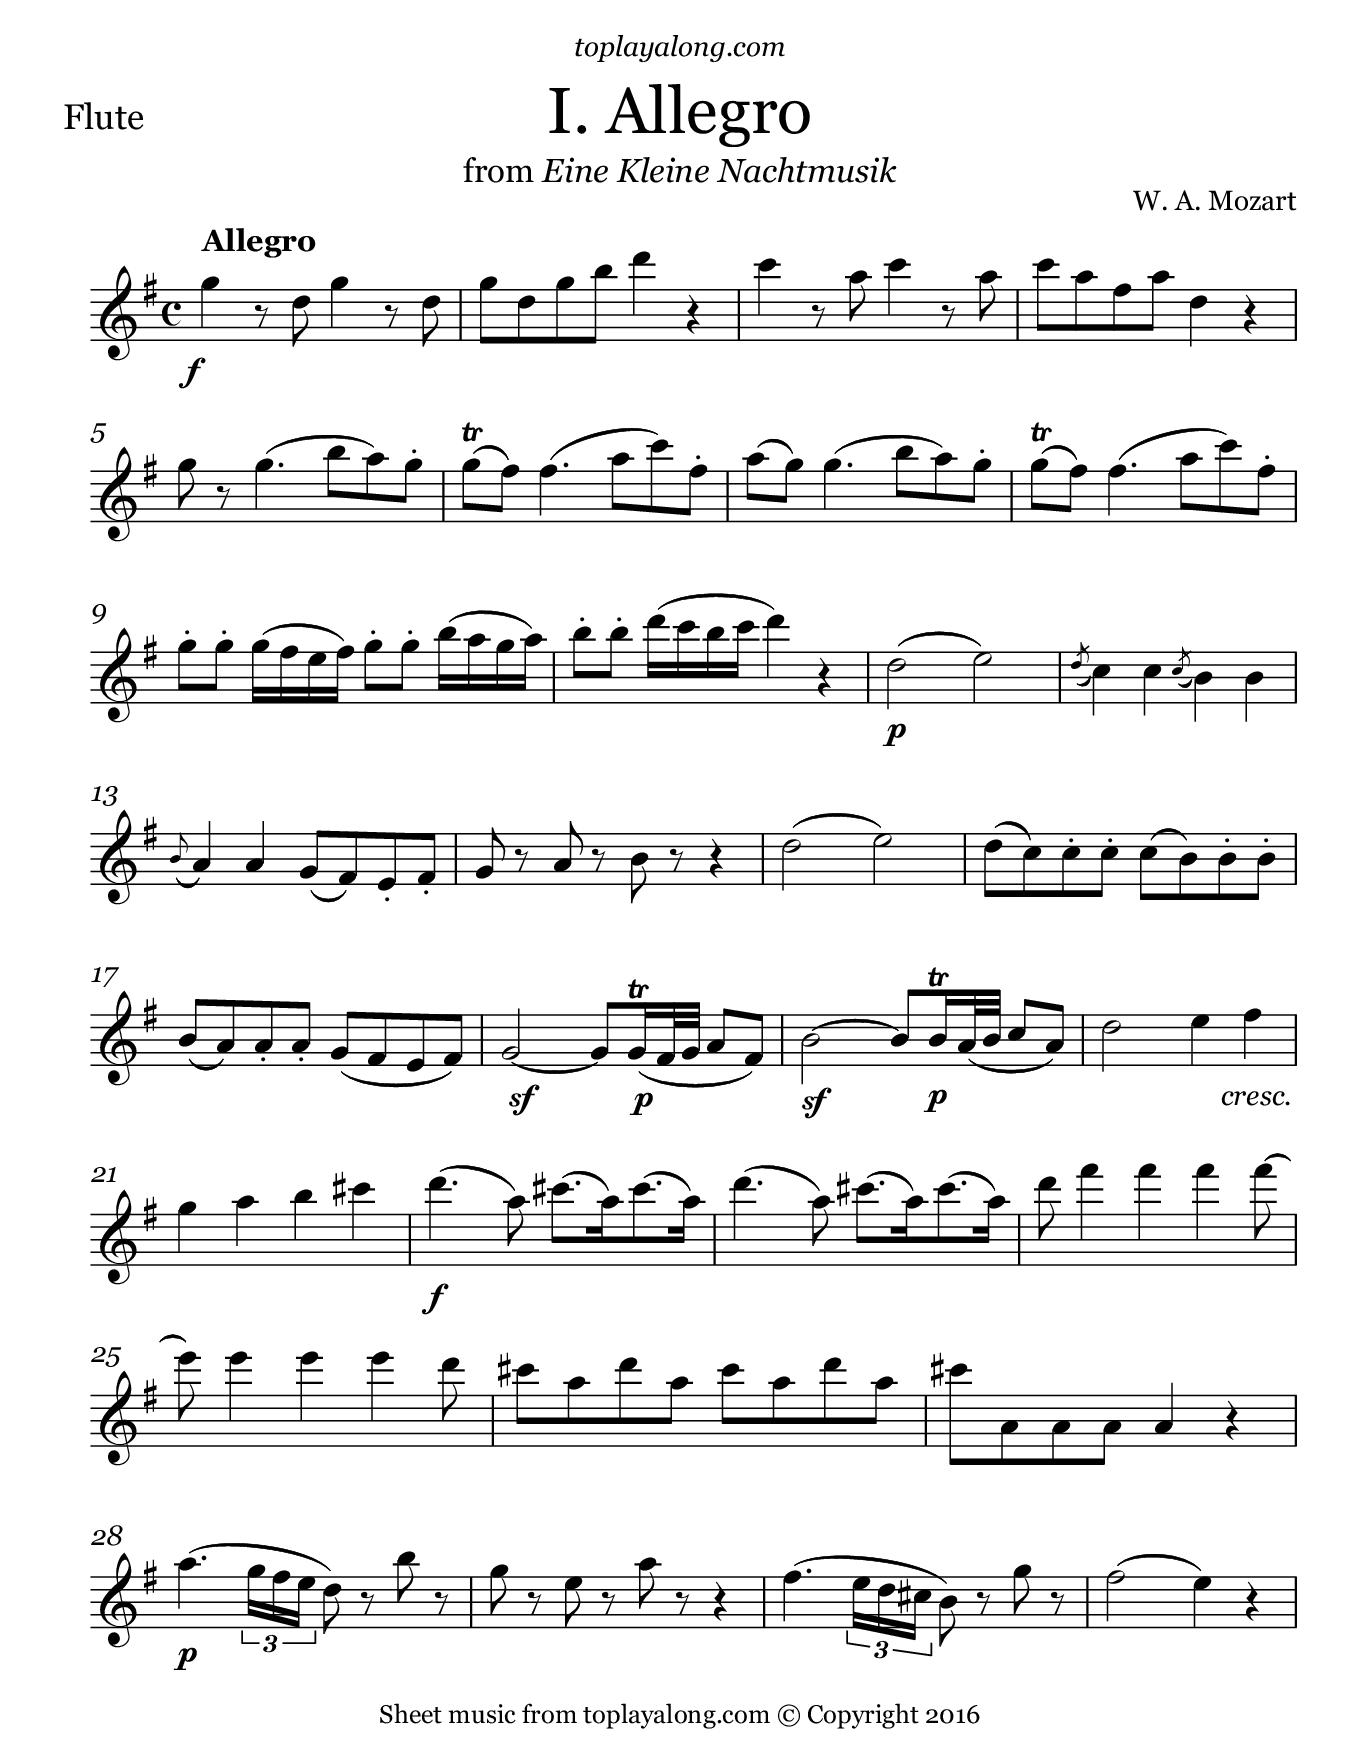 Eine Kleine Nachtmusik (I. Allegro) by Mozart. Sheet music for Flute, page 1.